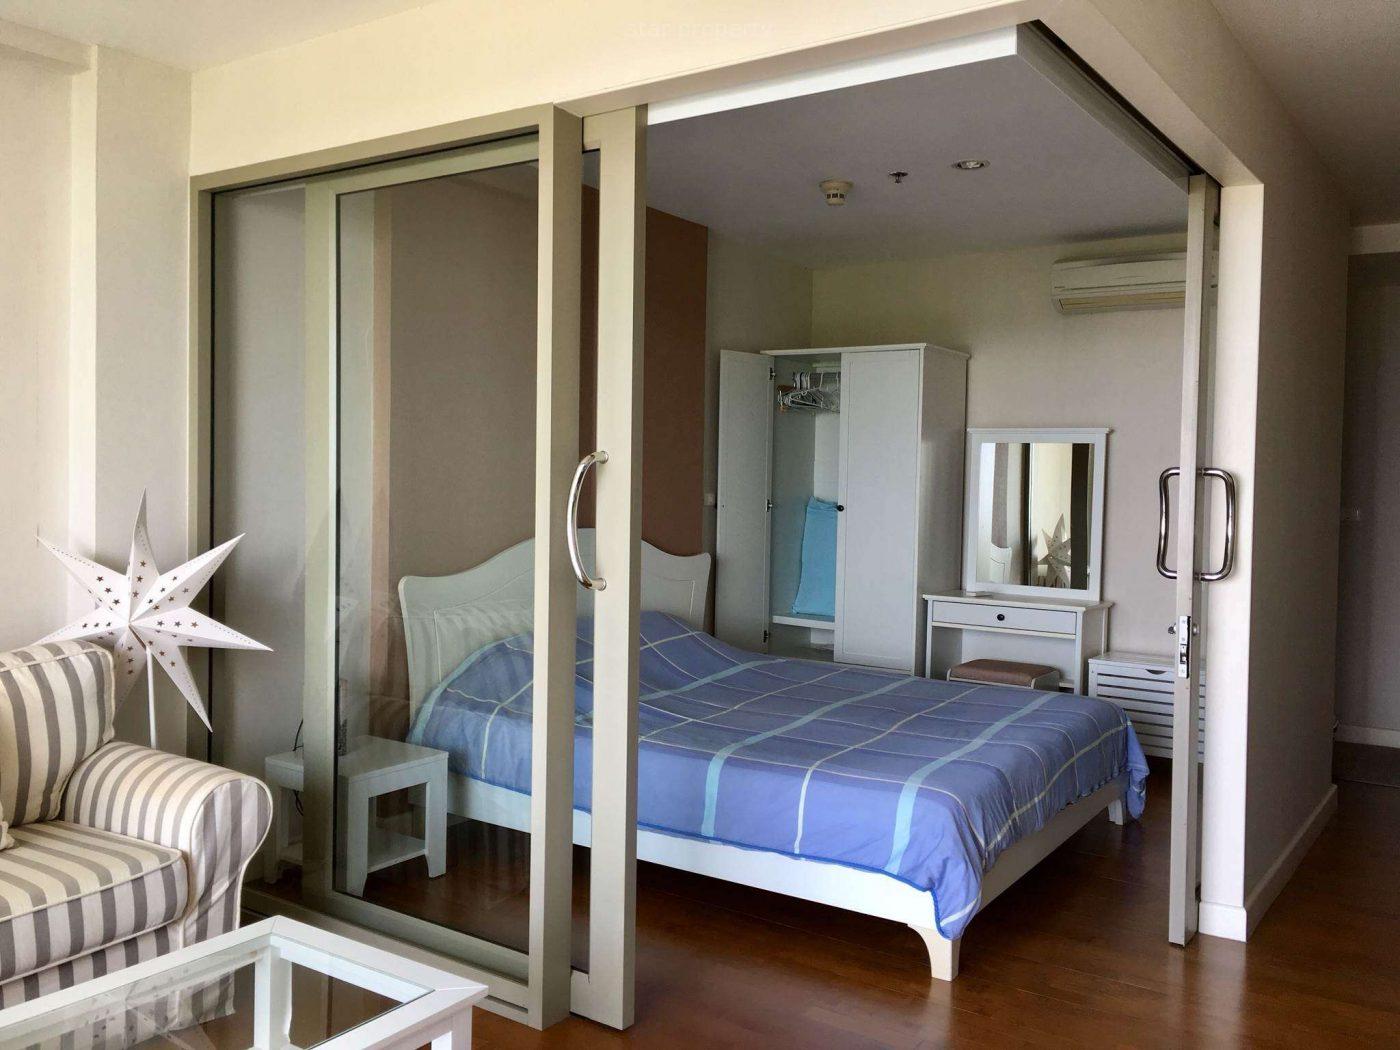 Beautiful Condominium with Sea View for Sale at Hua Hin District, Prachuap Khiri Khan, Thailand